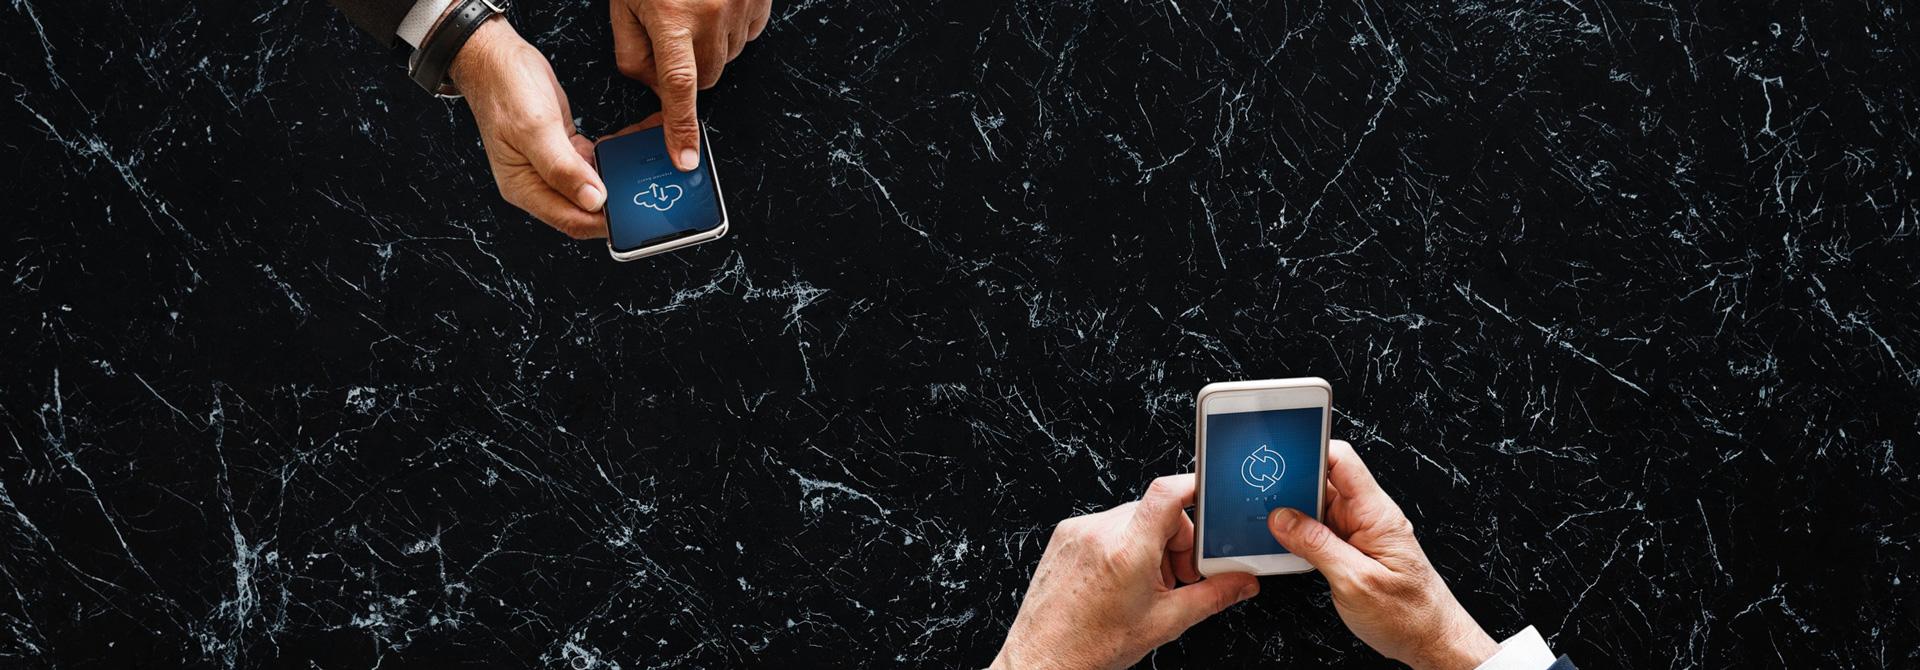 Le Groupe Renault vous informe sur la protection de vos données personnelles